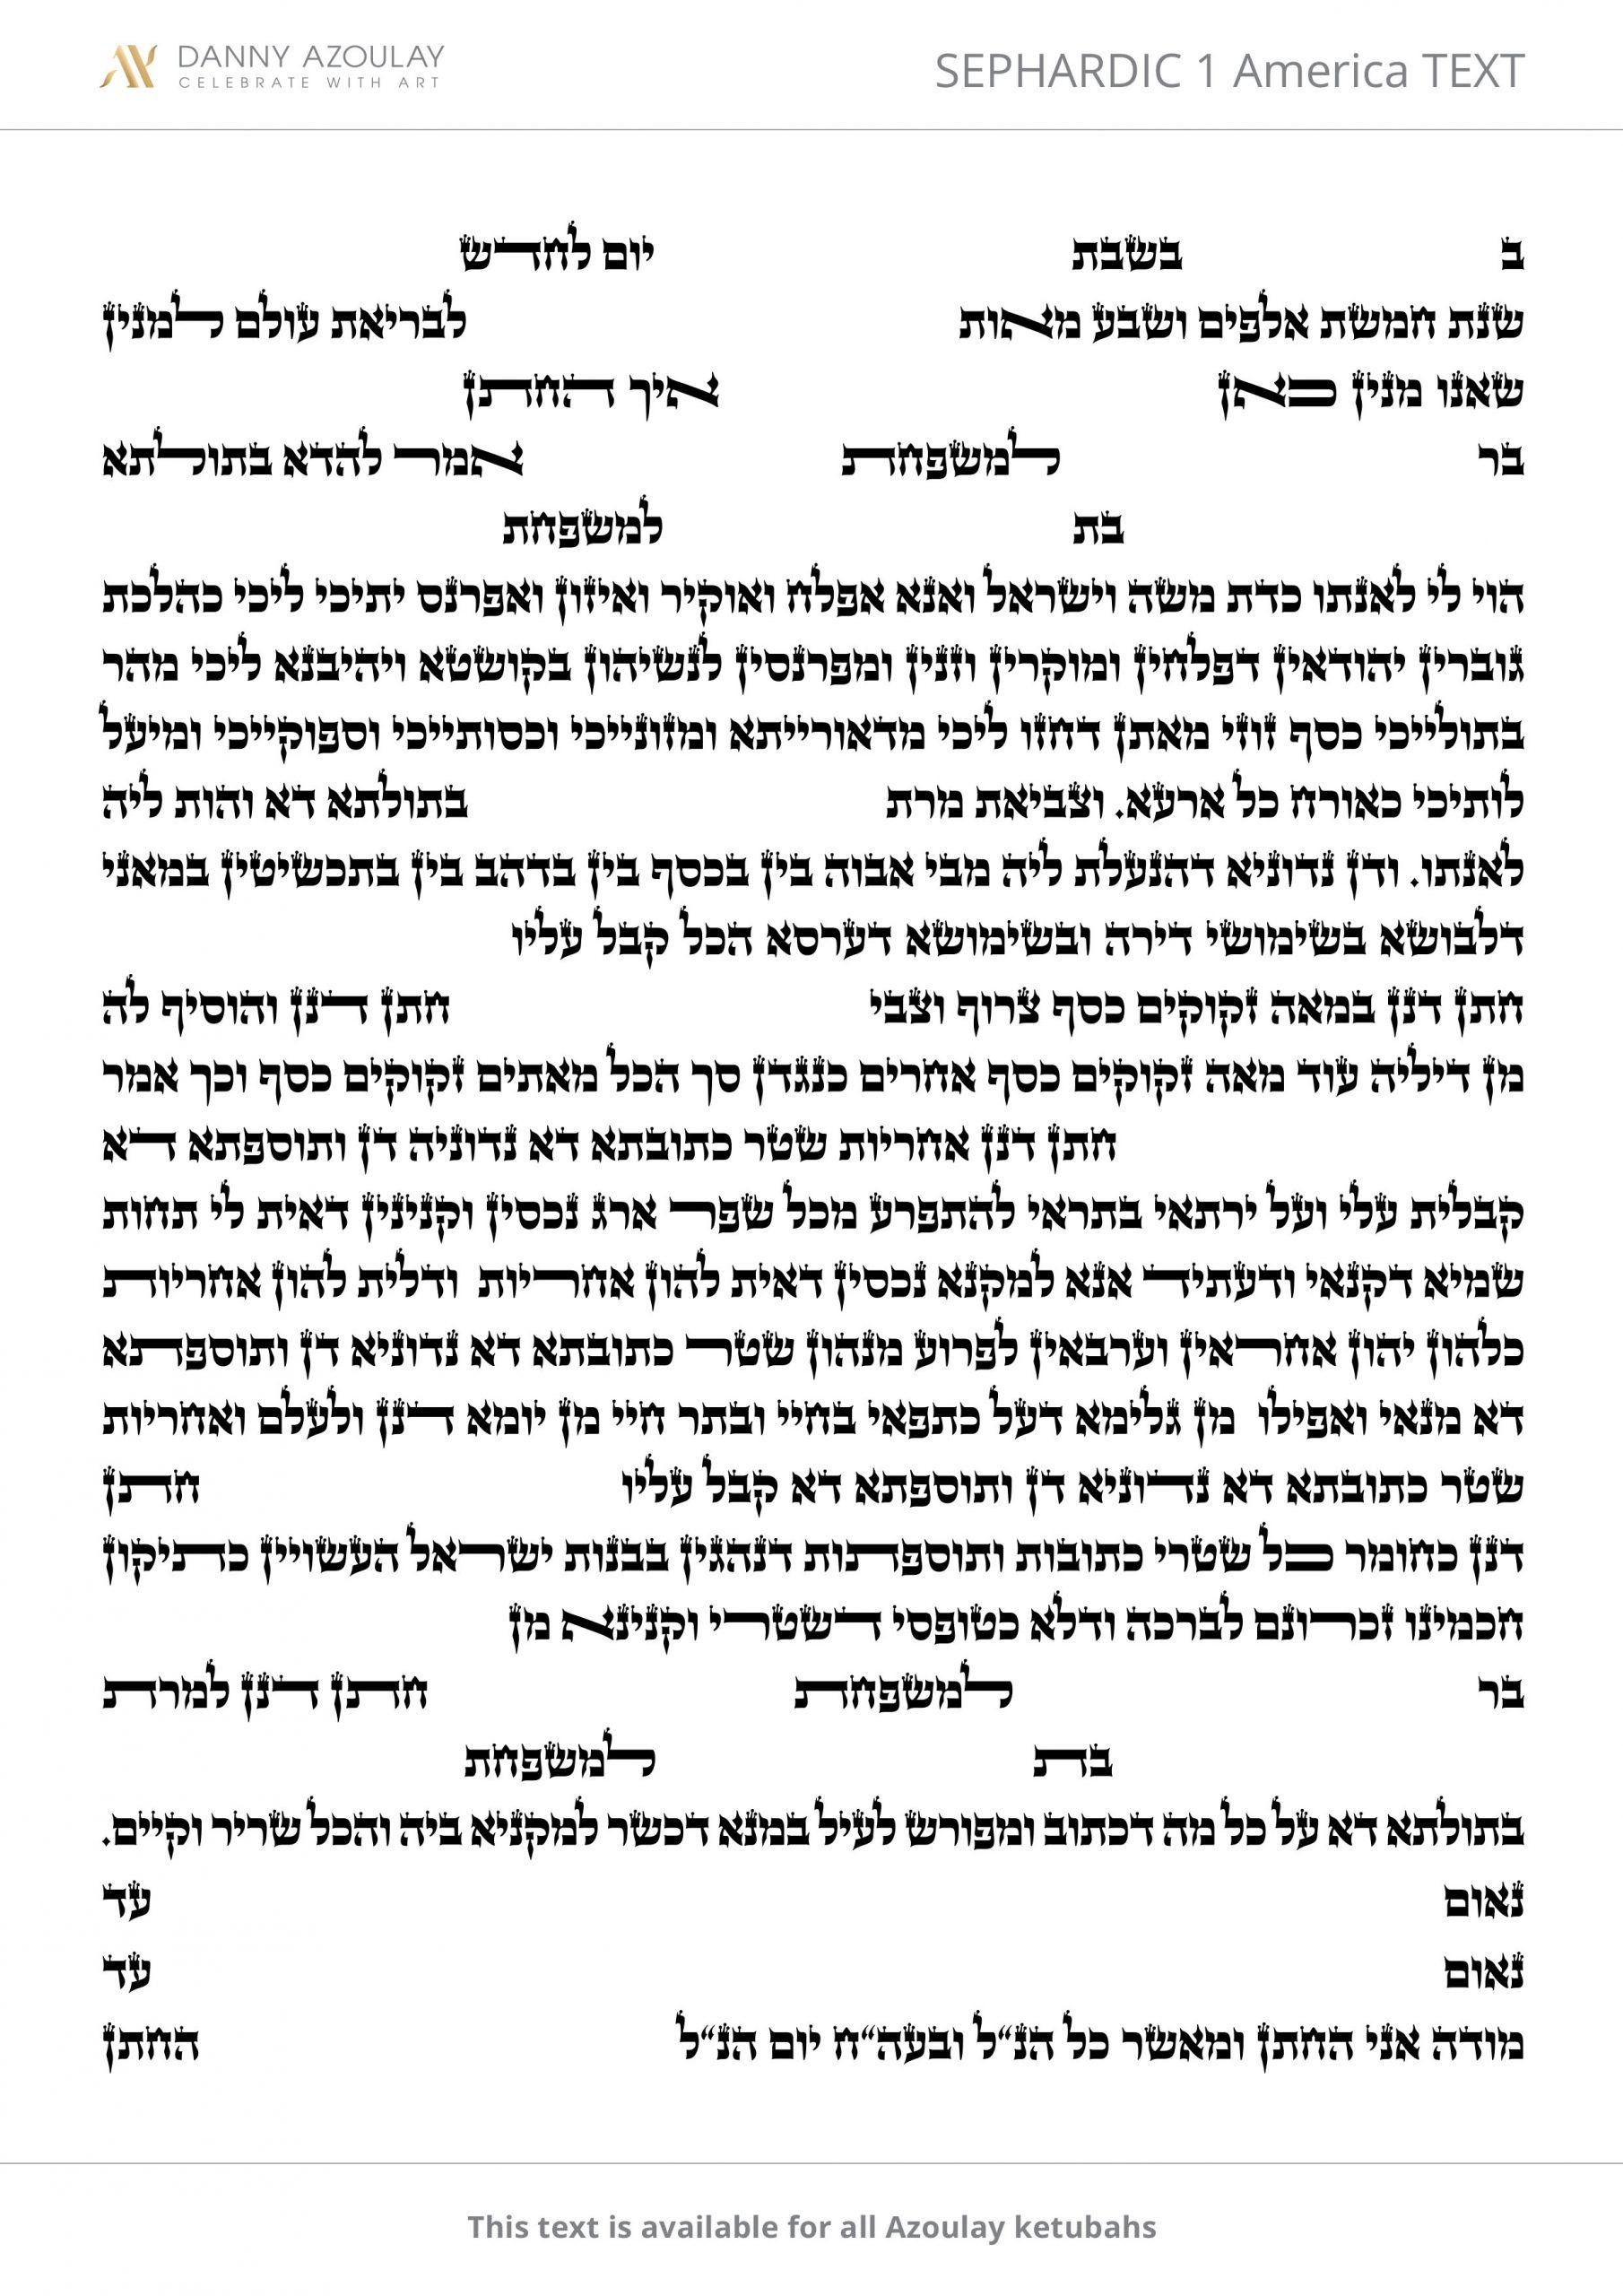 Sephardic Text 1